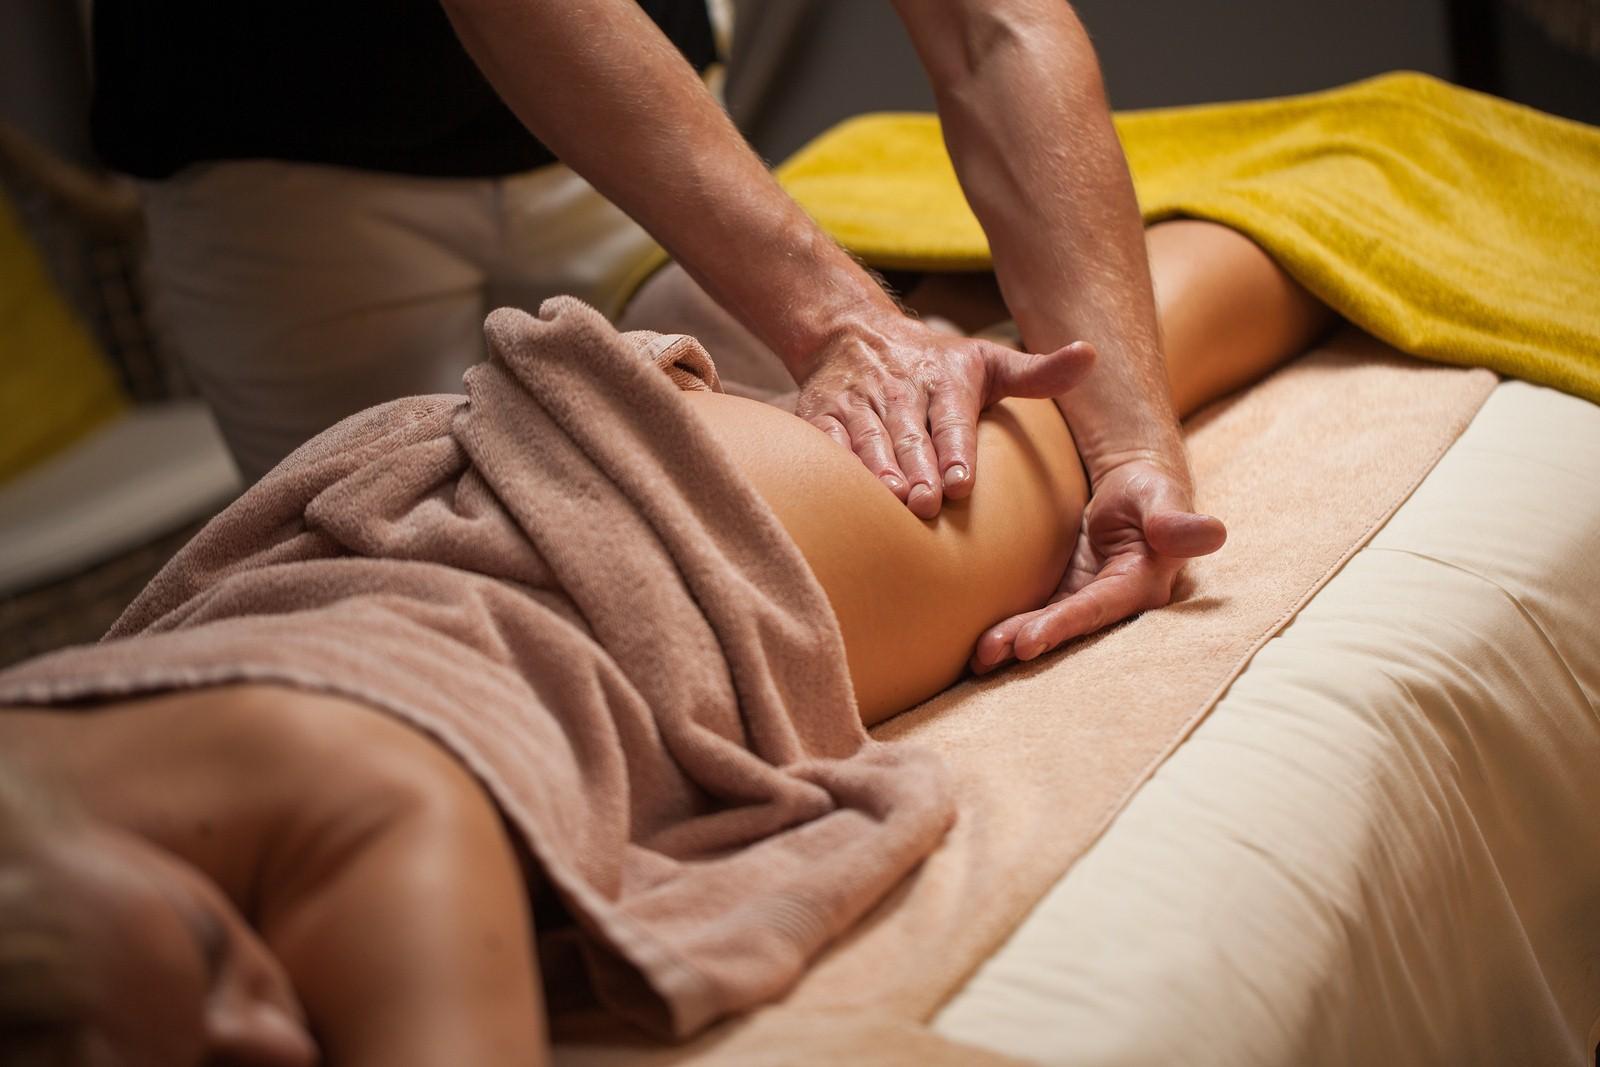 Антицеллюлитный массаж в домашних условиях. Техника выполнения для живота, бедер и ягодиц, отзывы, эффективность, фото до и после